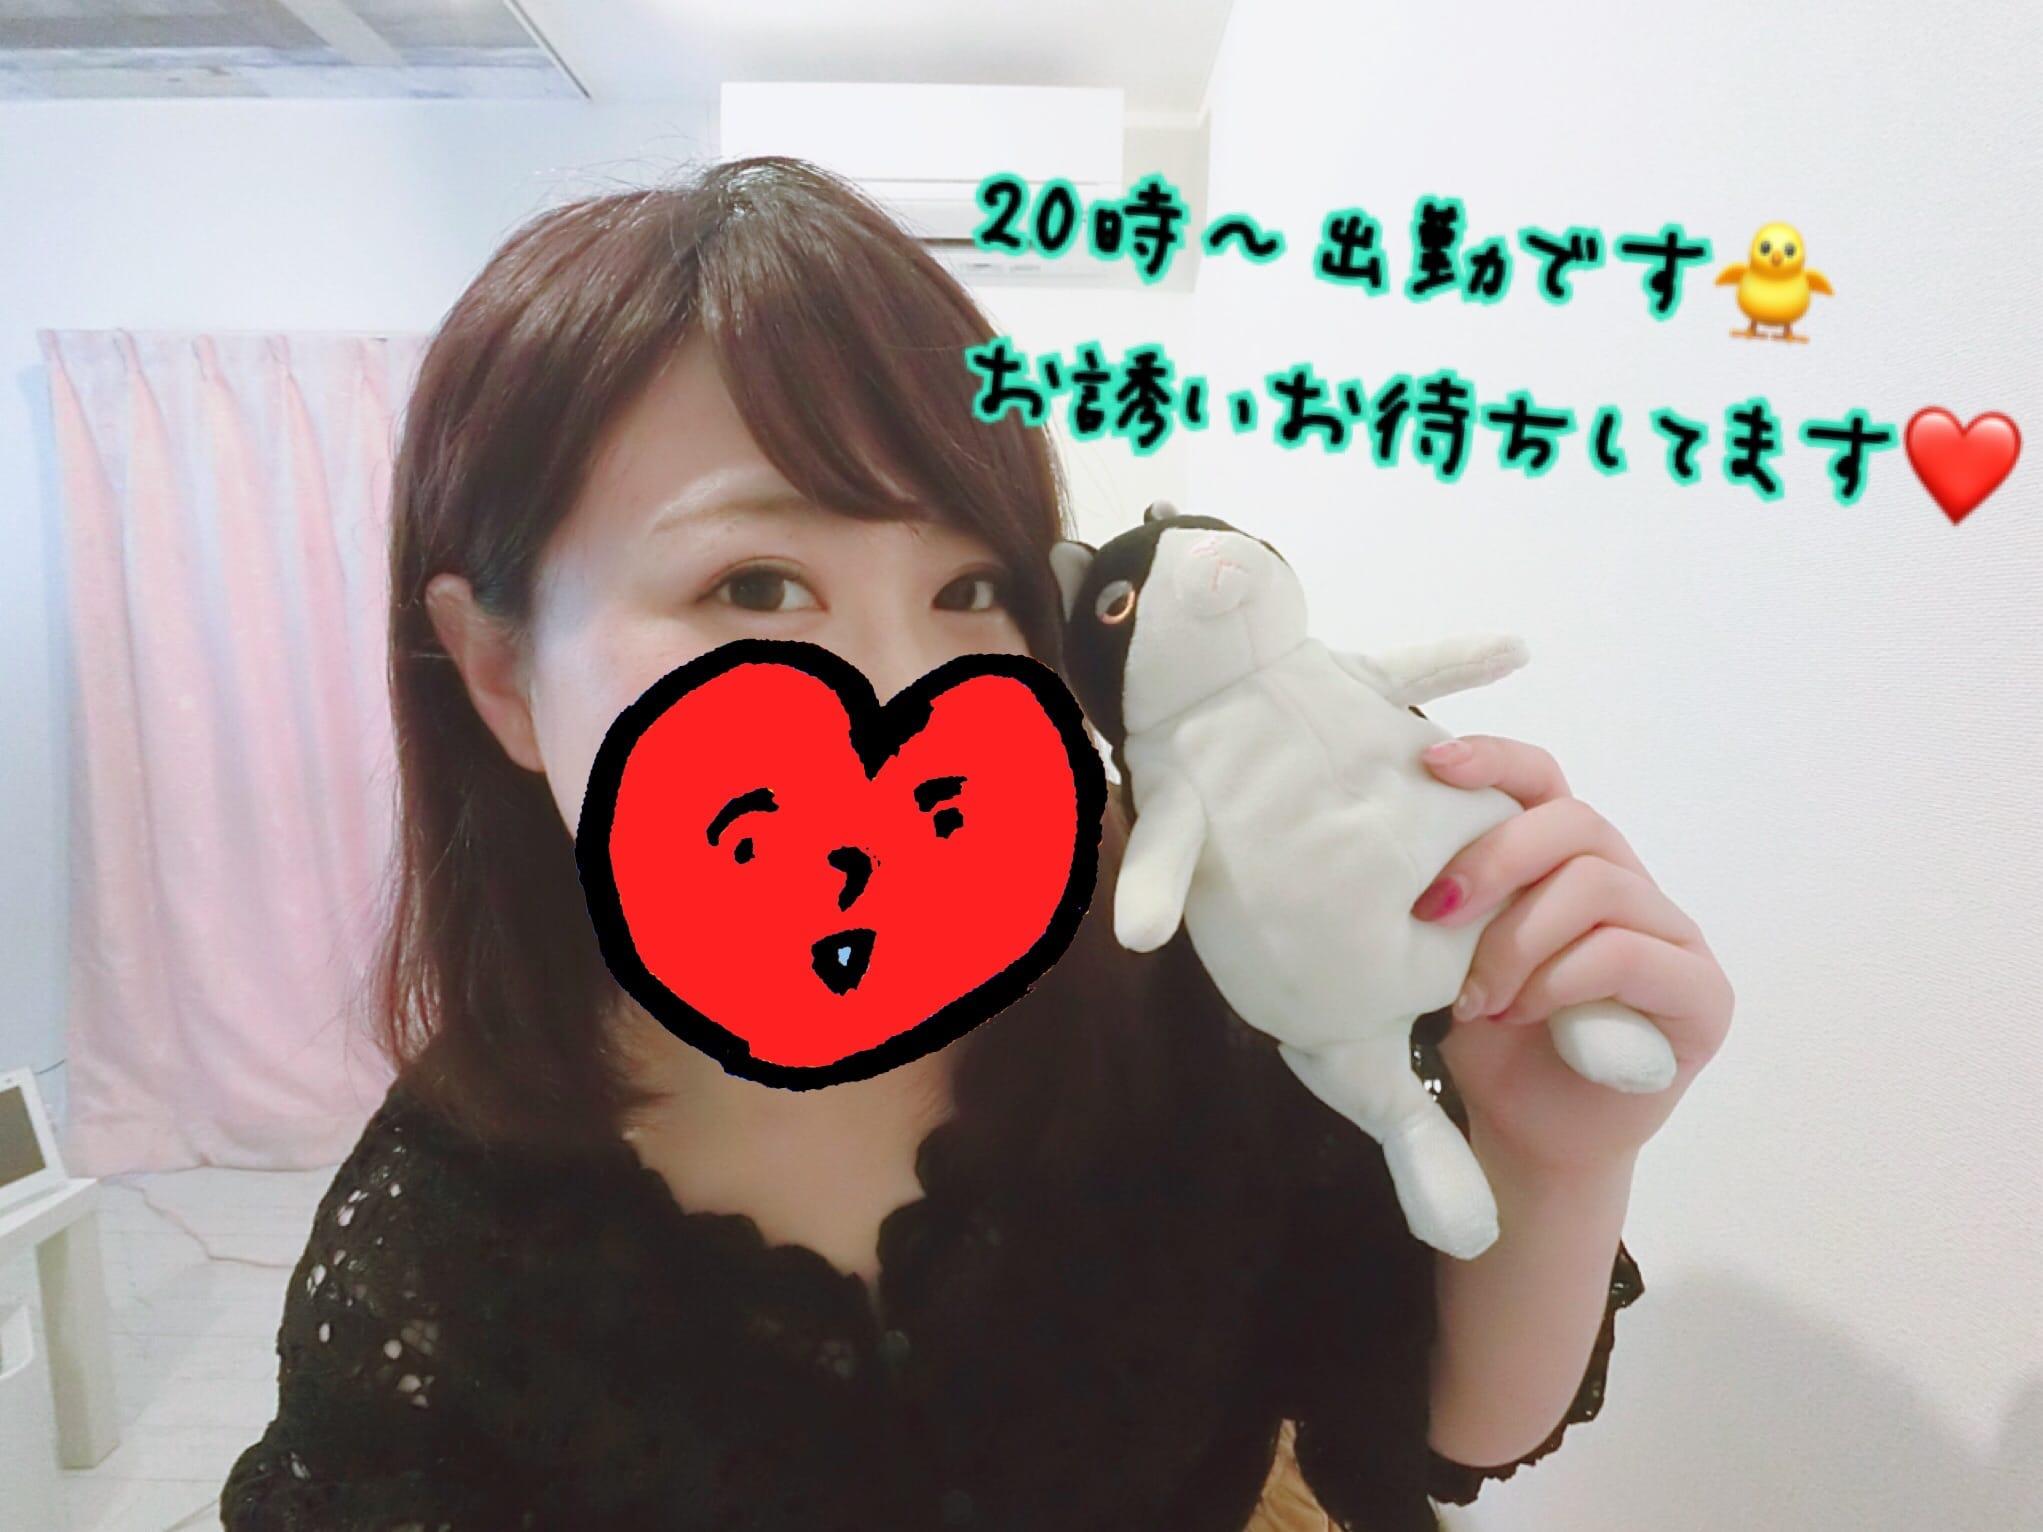 「20時〜( ˙▽˙ )ノ」09/20(水) 19:58   ランの写メ・風俗動画